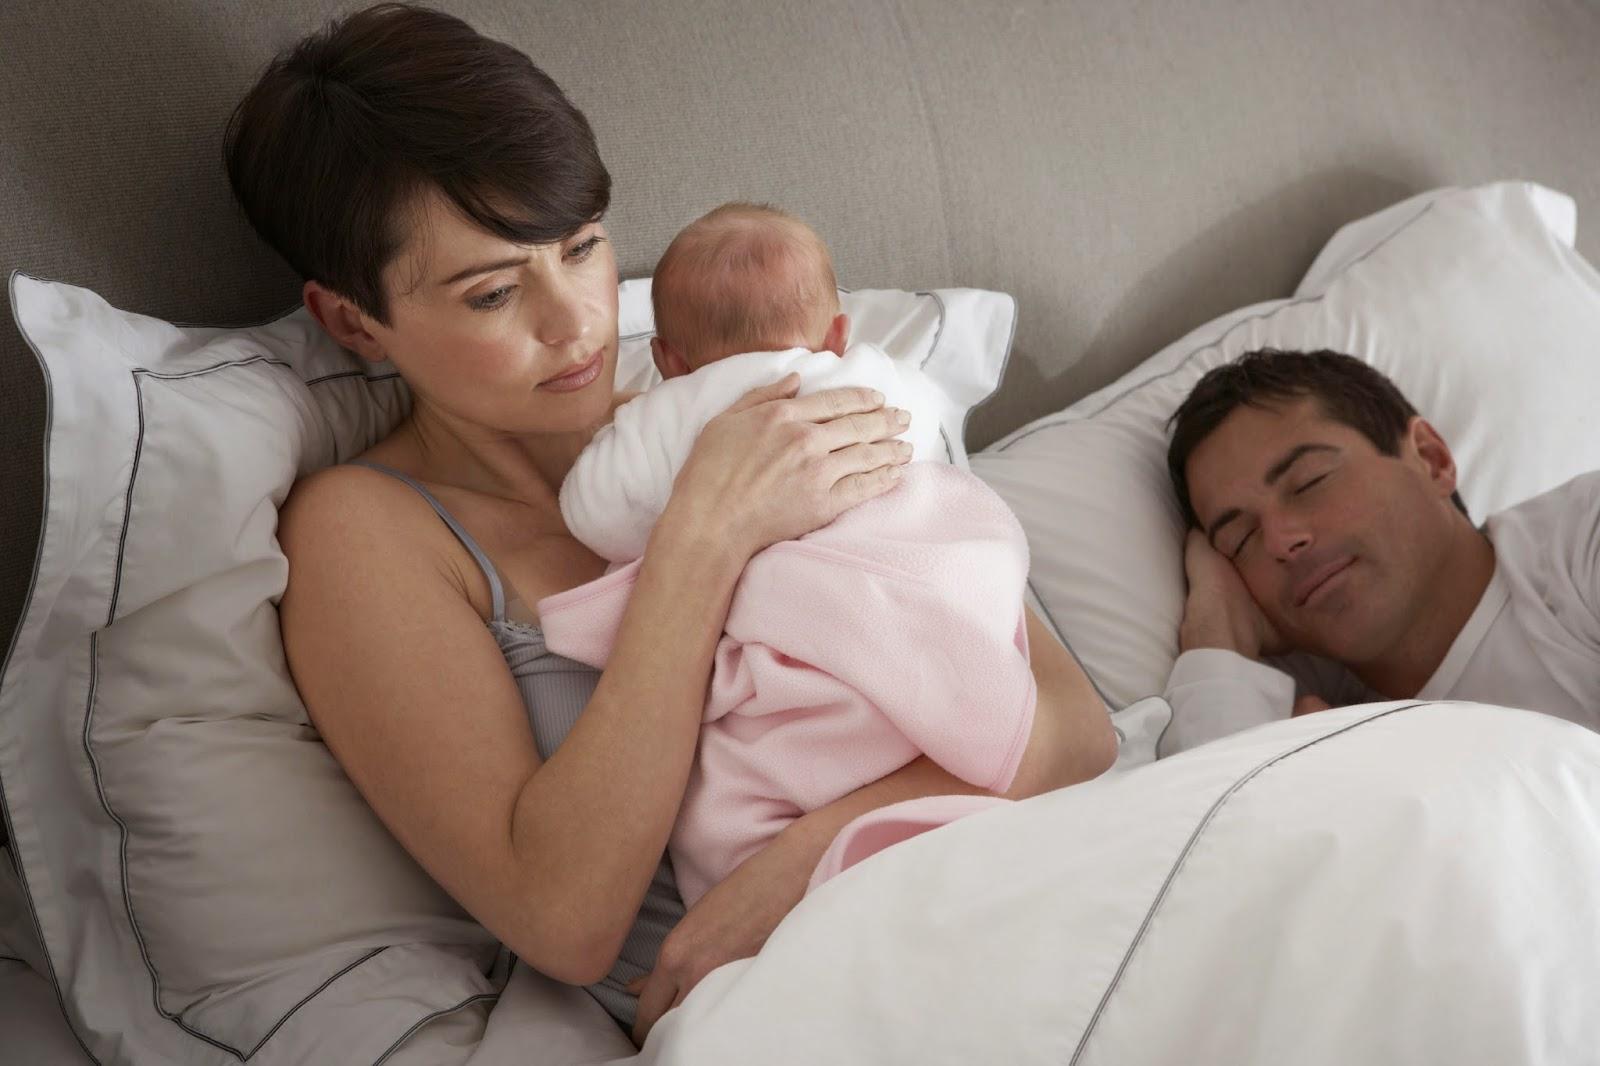 Doğum Sonrası (Postpartum) Psikolojik Sorunlar